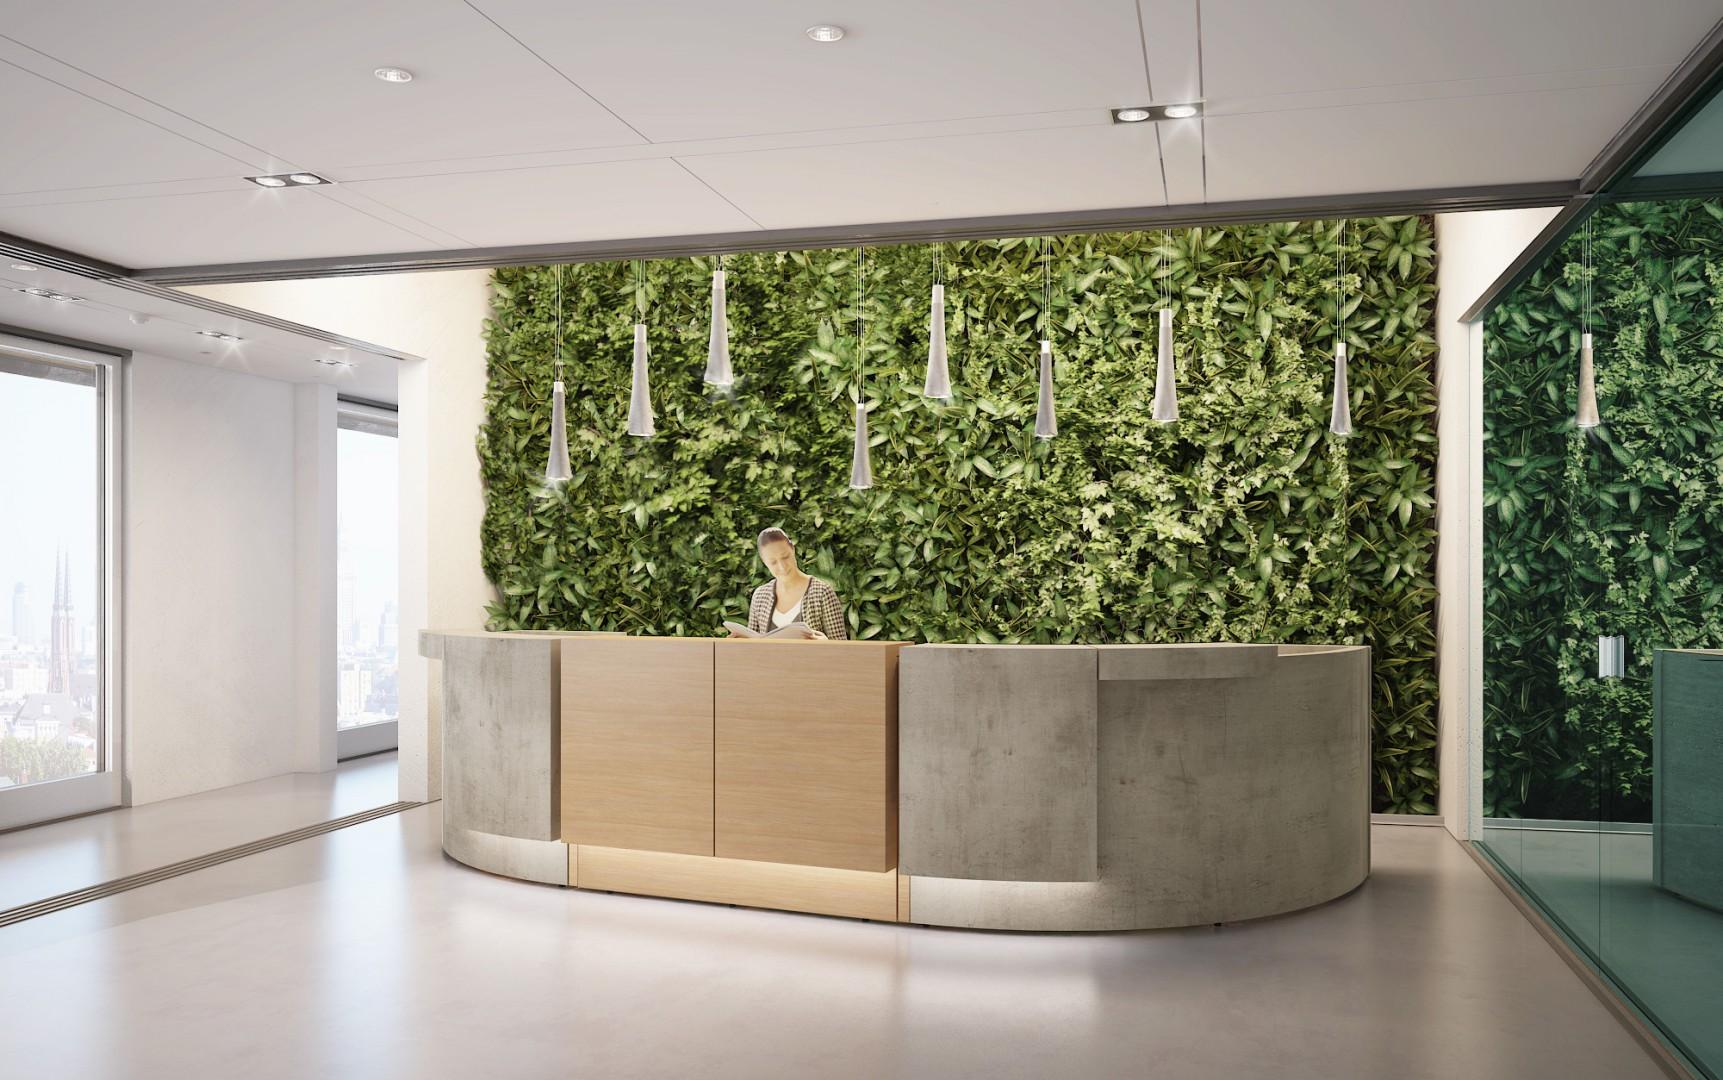 Współczesna recepcja ma być wielozadaniowa i w pełni oddawać charakter przedsiębiorstwa. Fot. Mikomax Smart Office